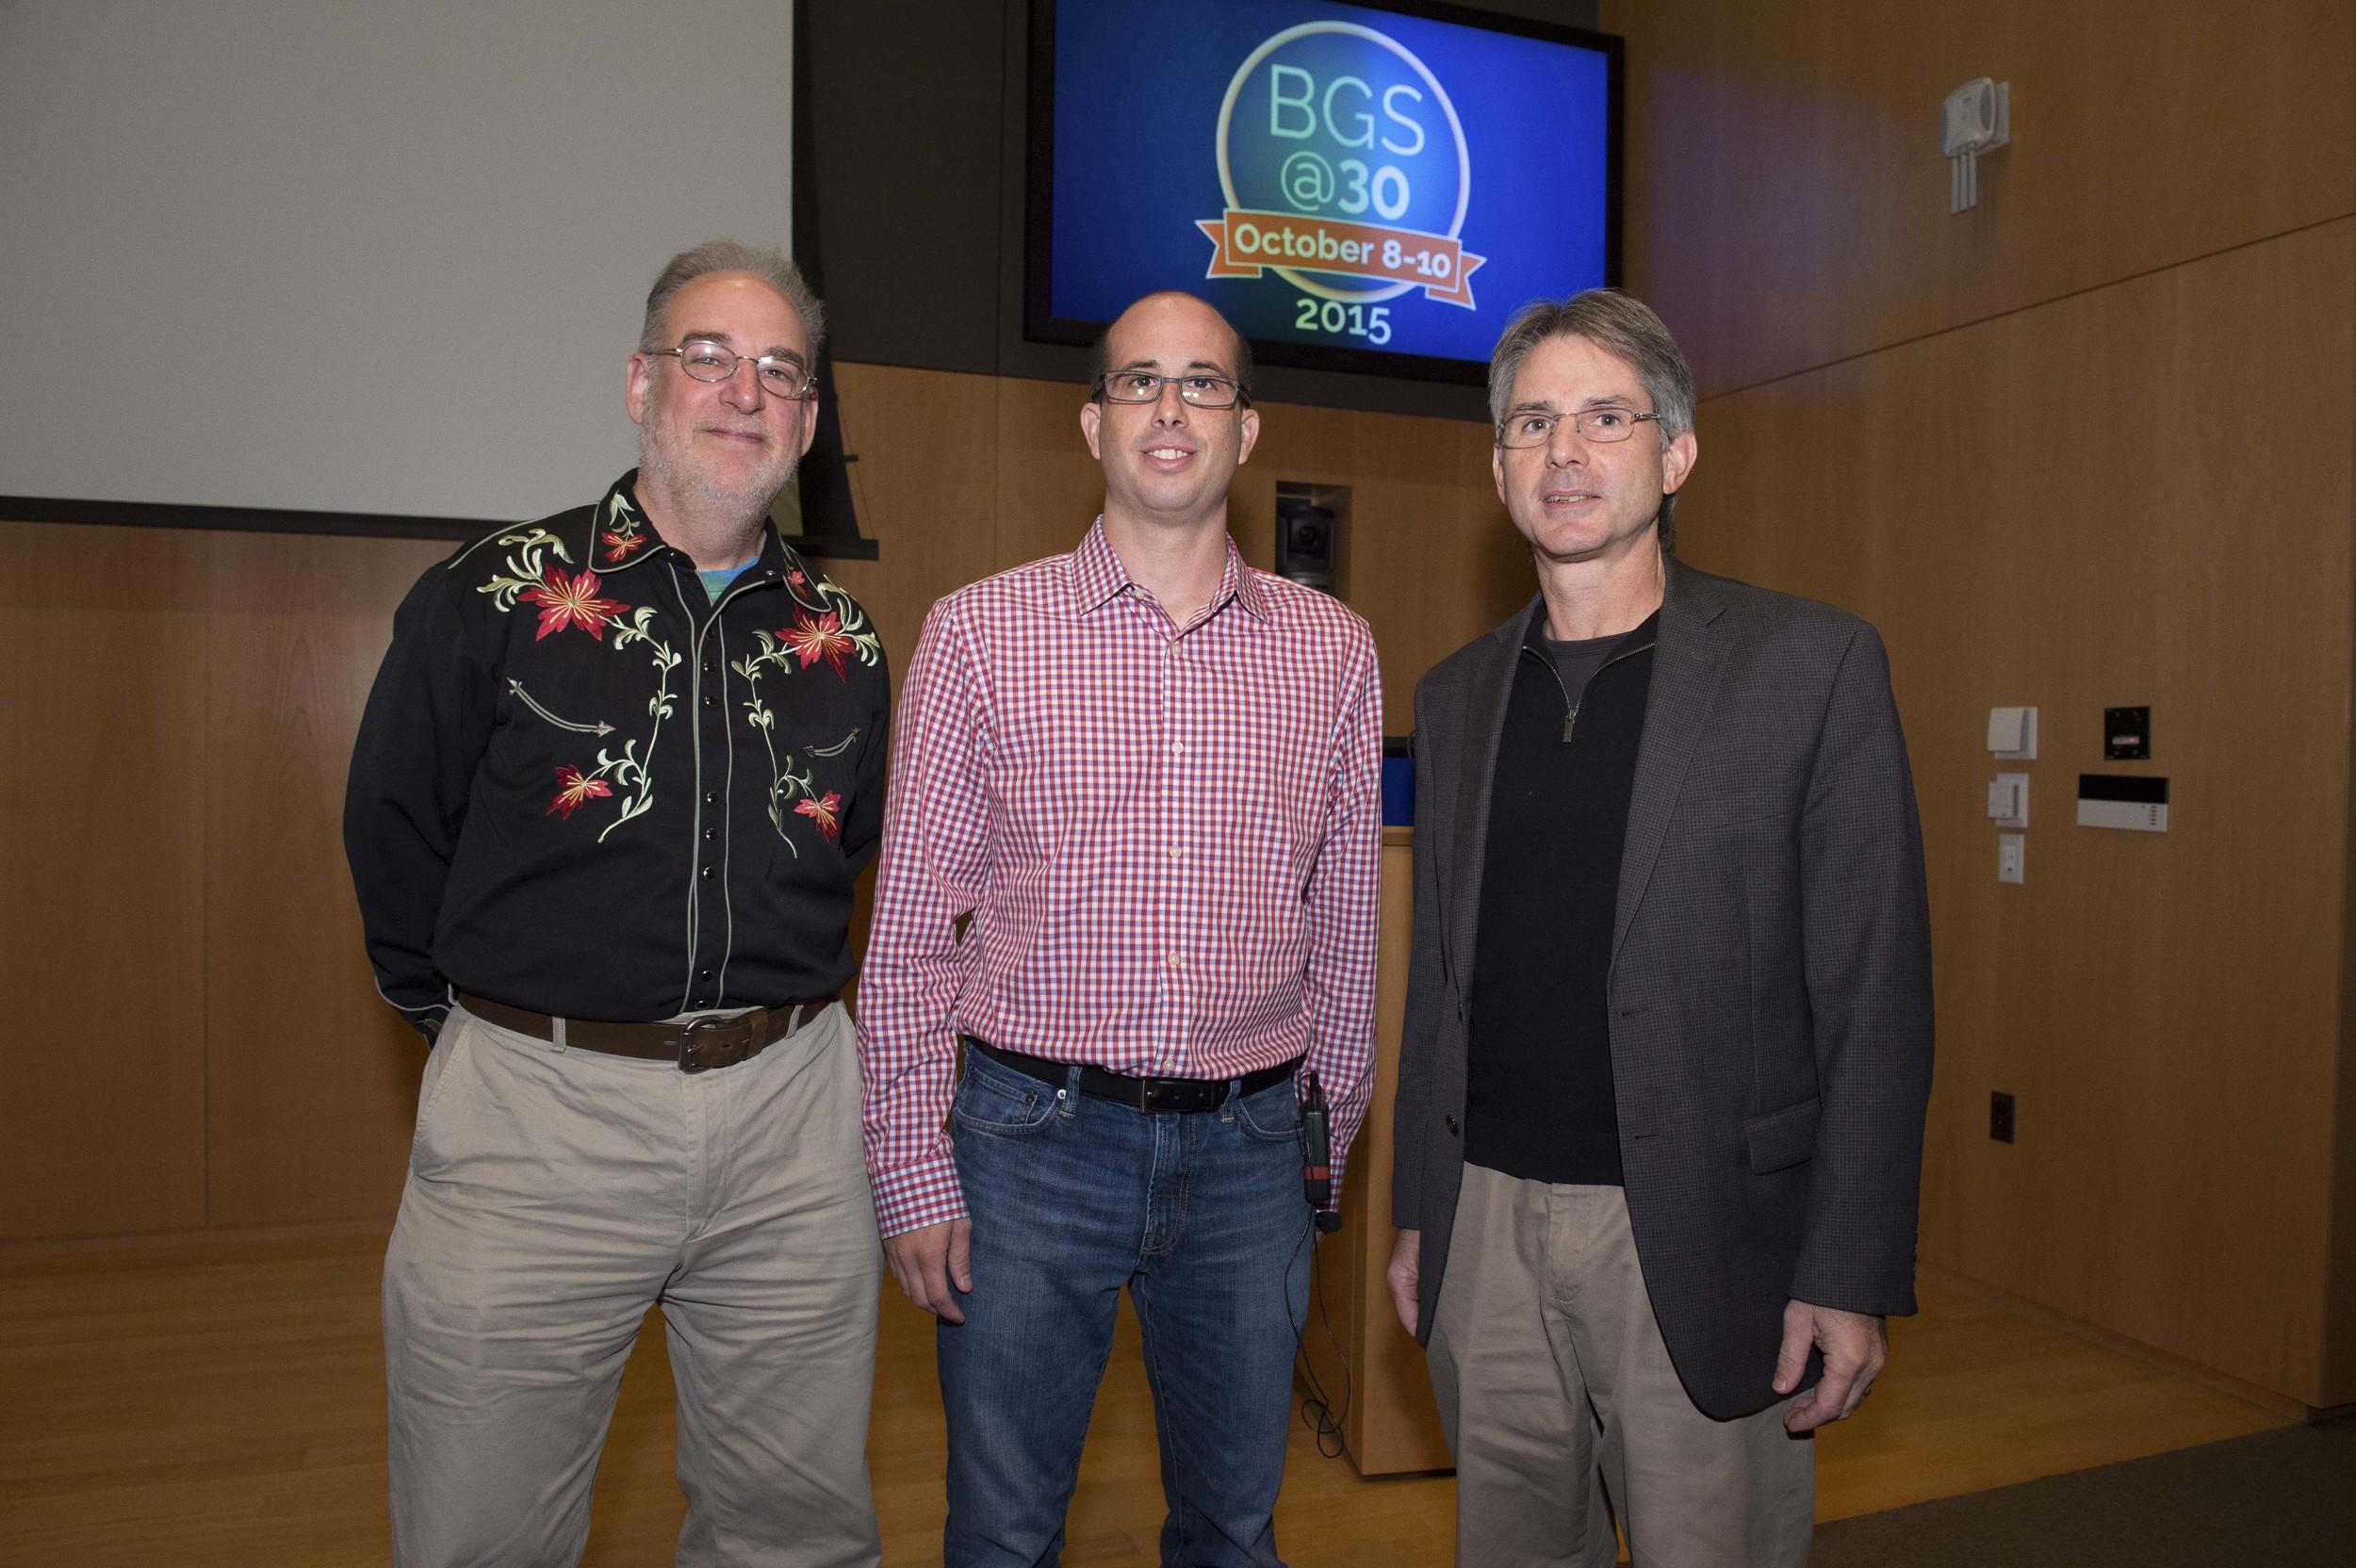 Mikey Nusbaum, Aaron Gitler, and Jon Epstein